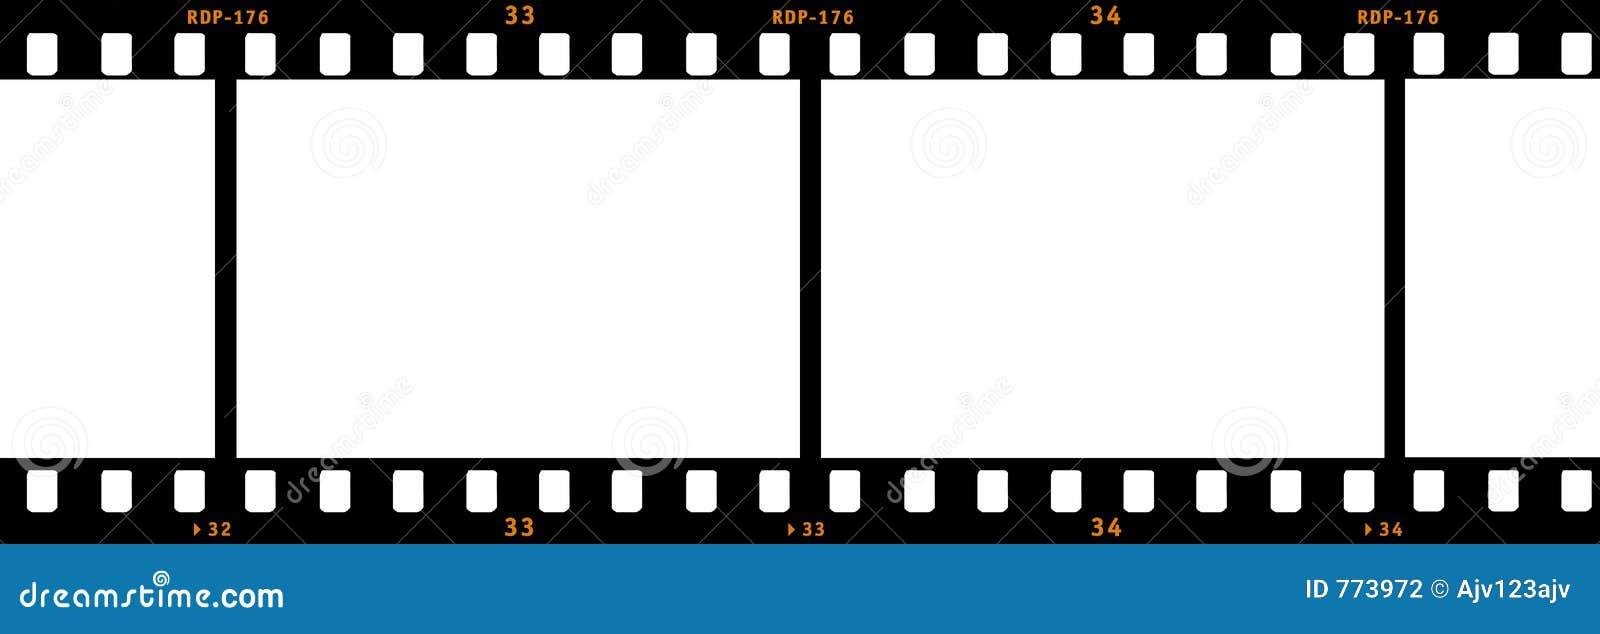 film streifen stock abbildung illustration von negativ film strip vector art free film strip vector art free